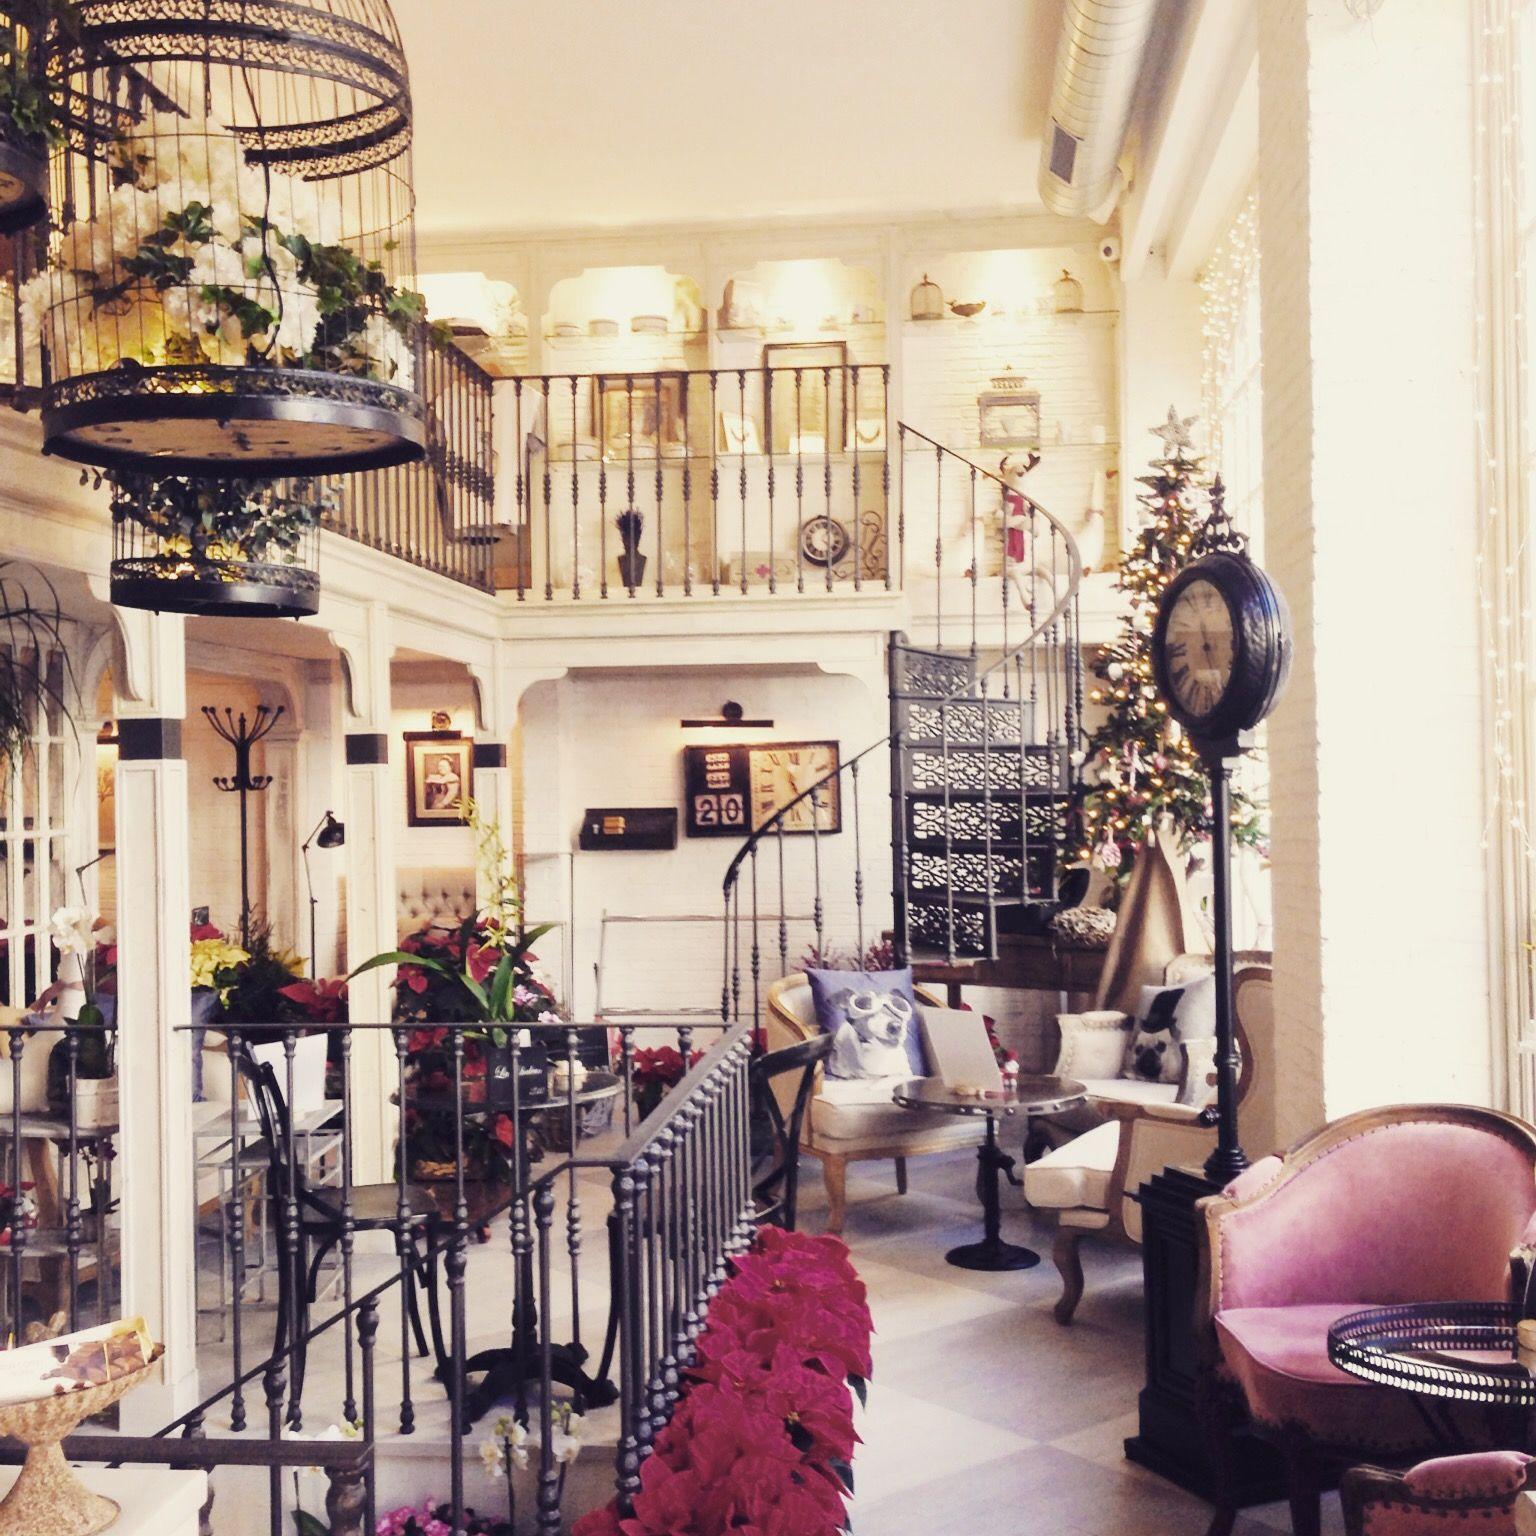 La esquina sin luz un blog de restaurantes con encanto - Madrid sitios con encanto ...